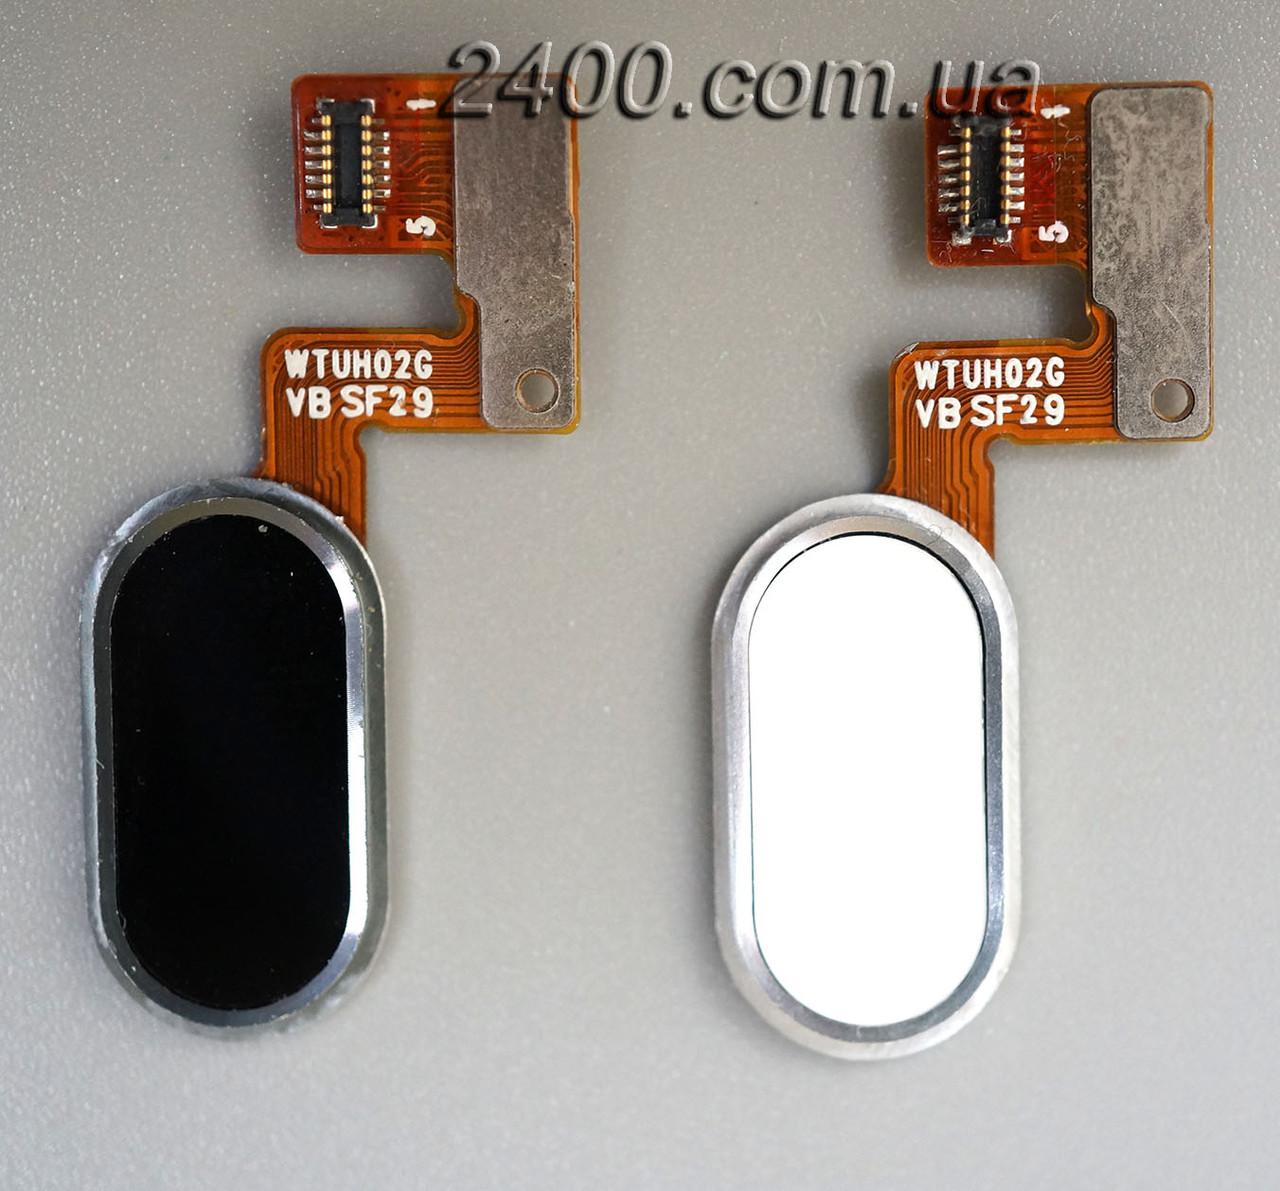 Cенсорная кнопка для Meizu M3 Note черная (белая) – кнопка меню мейзу м3 ноте